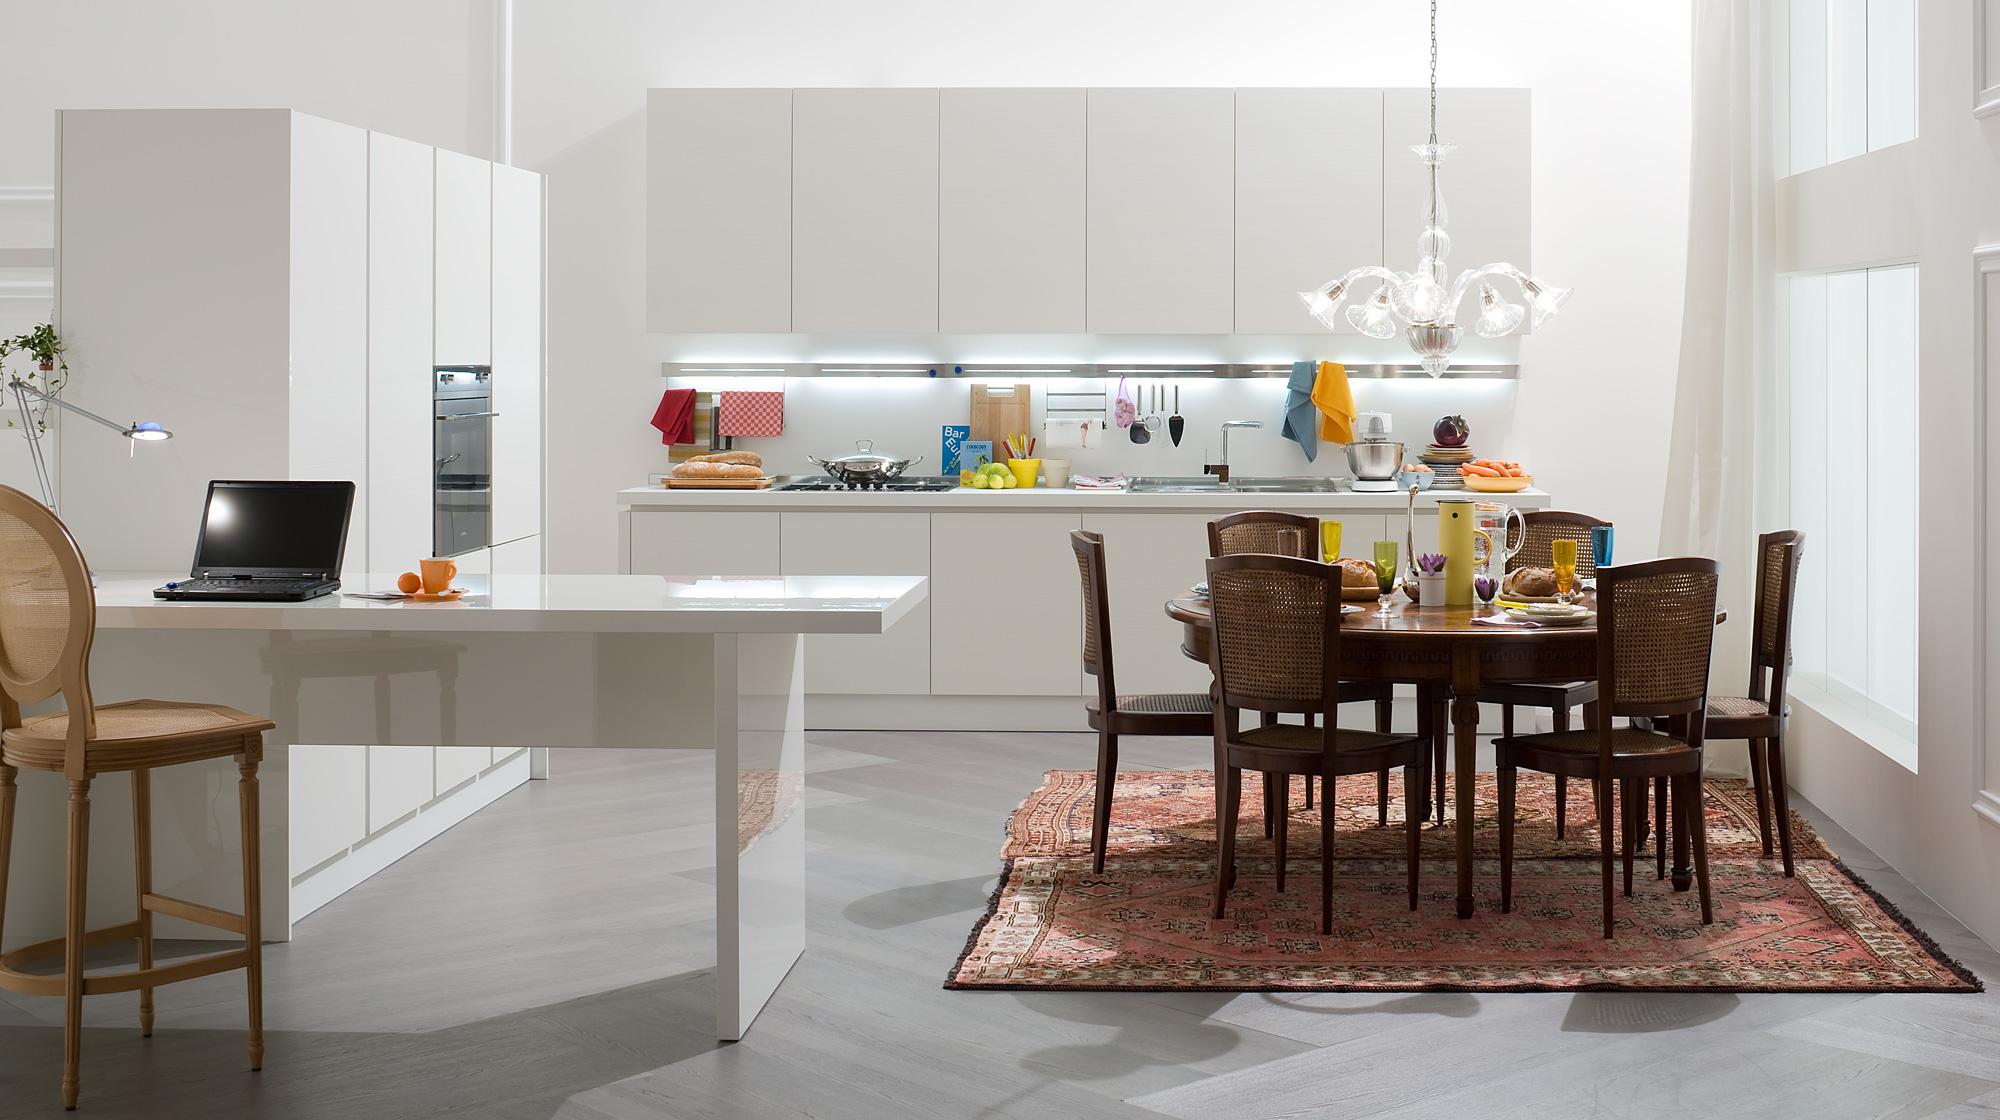 Сочетание белой кухни в стиле хай-тек и уютной обеденной зоны с коврами